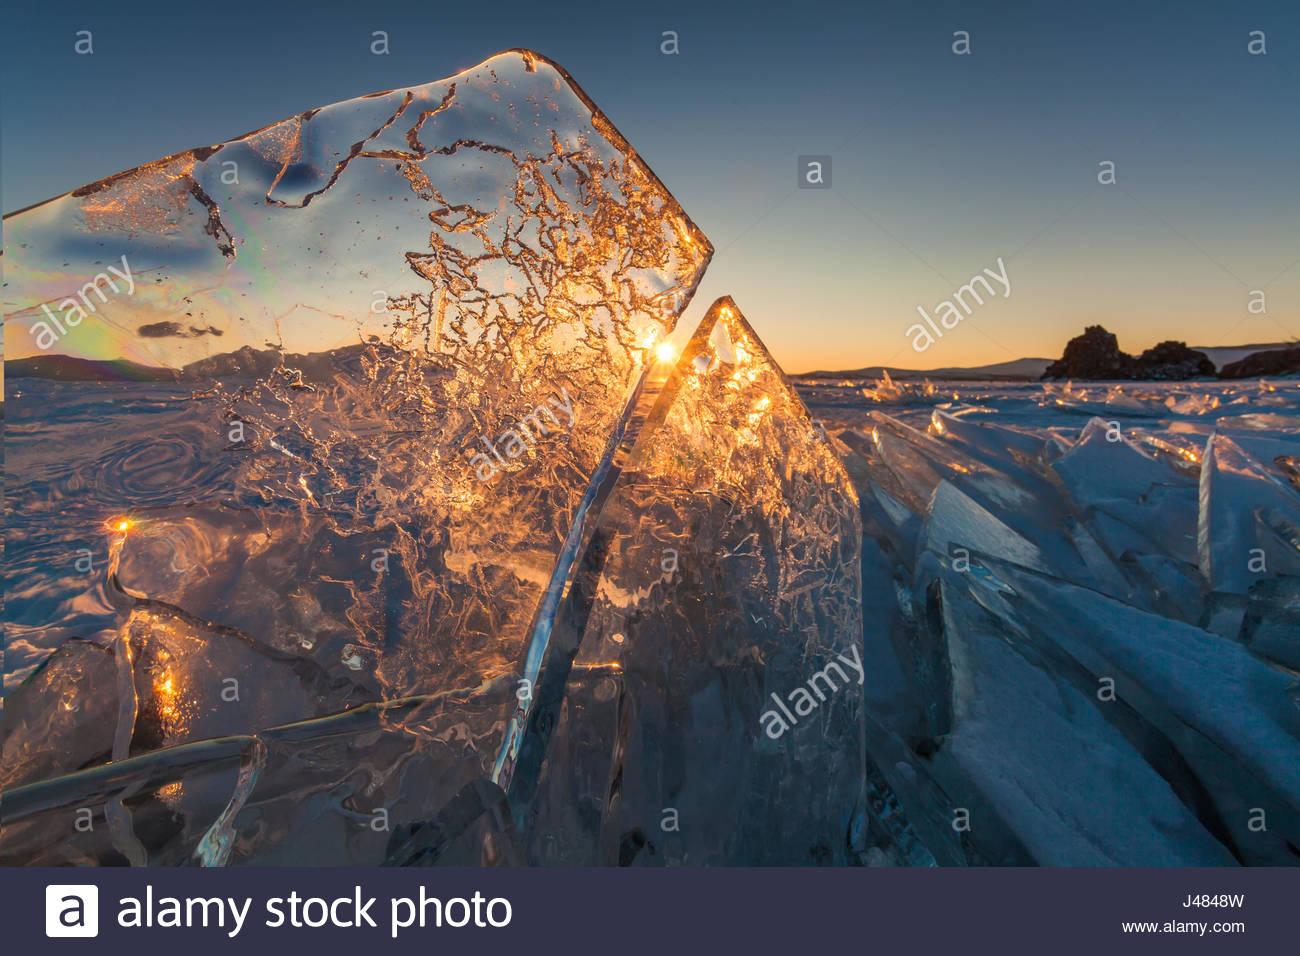 Colorido atardecer sobre los cristales de hielo del lago Baikal Imagen De Stock